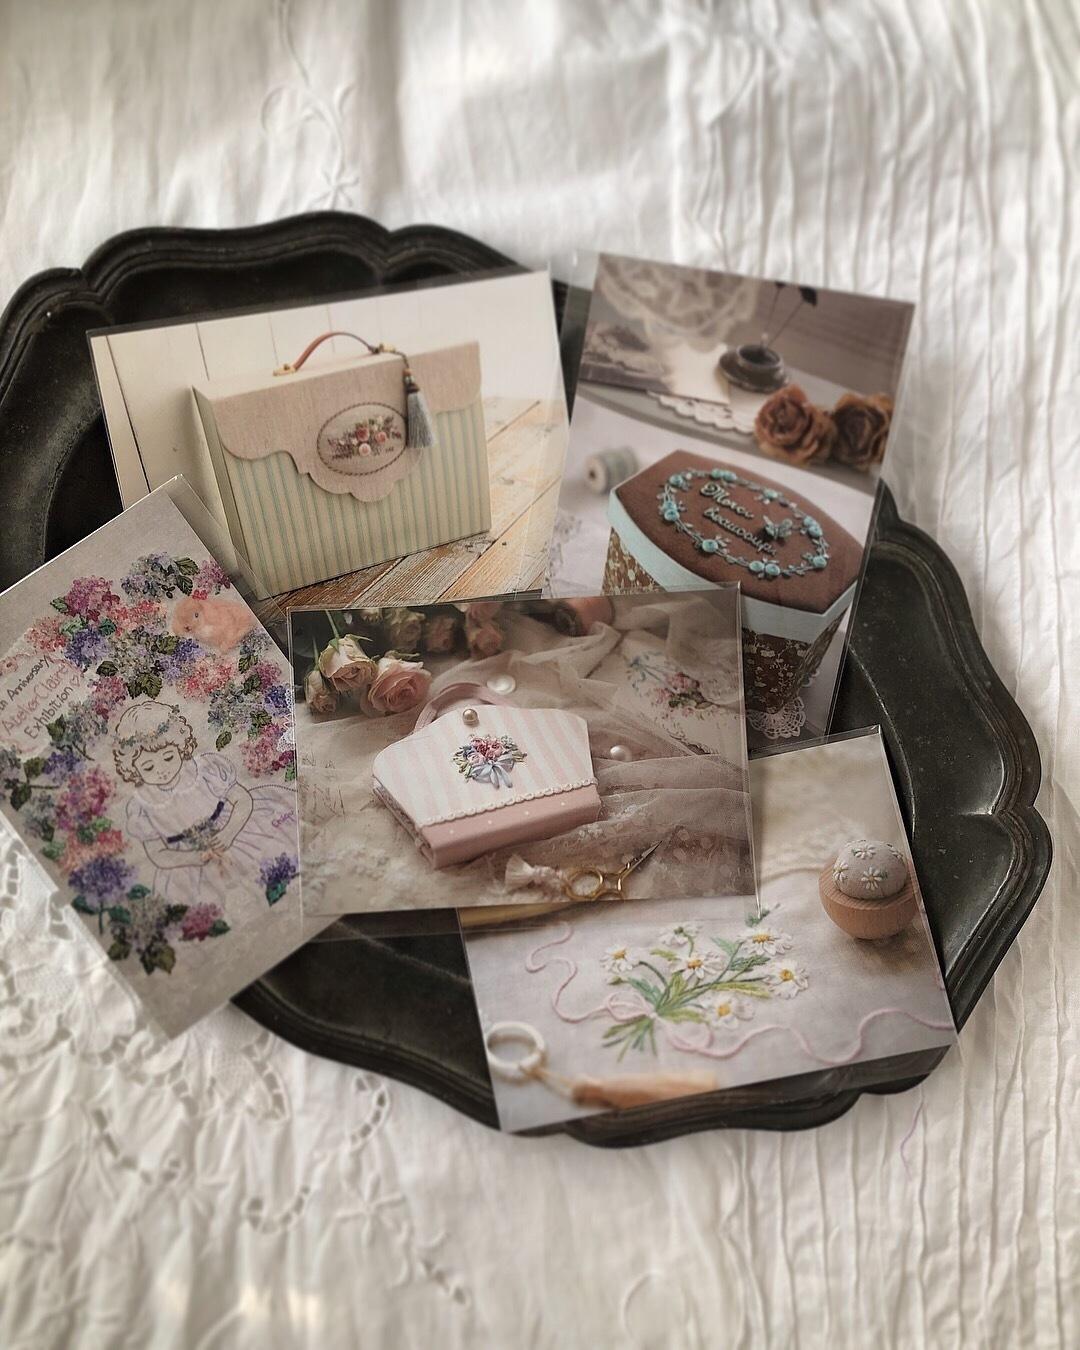 「しあわせのリボン刺しゅう」展 @LINNET京都での販売キットやアイテムについて_a0157409_16525065.jpeg